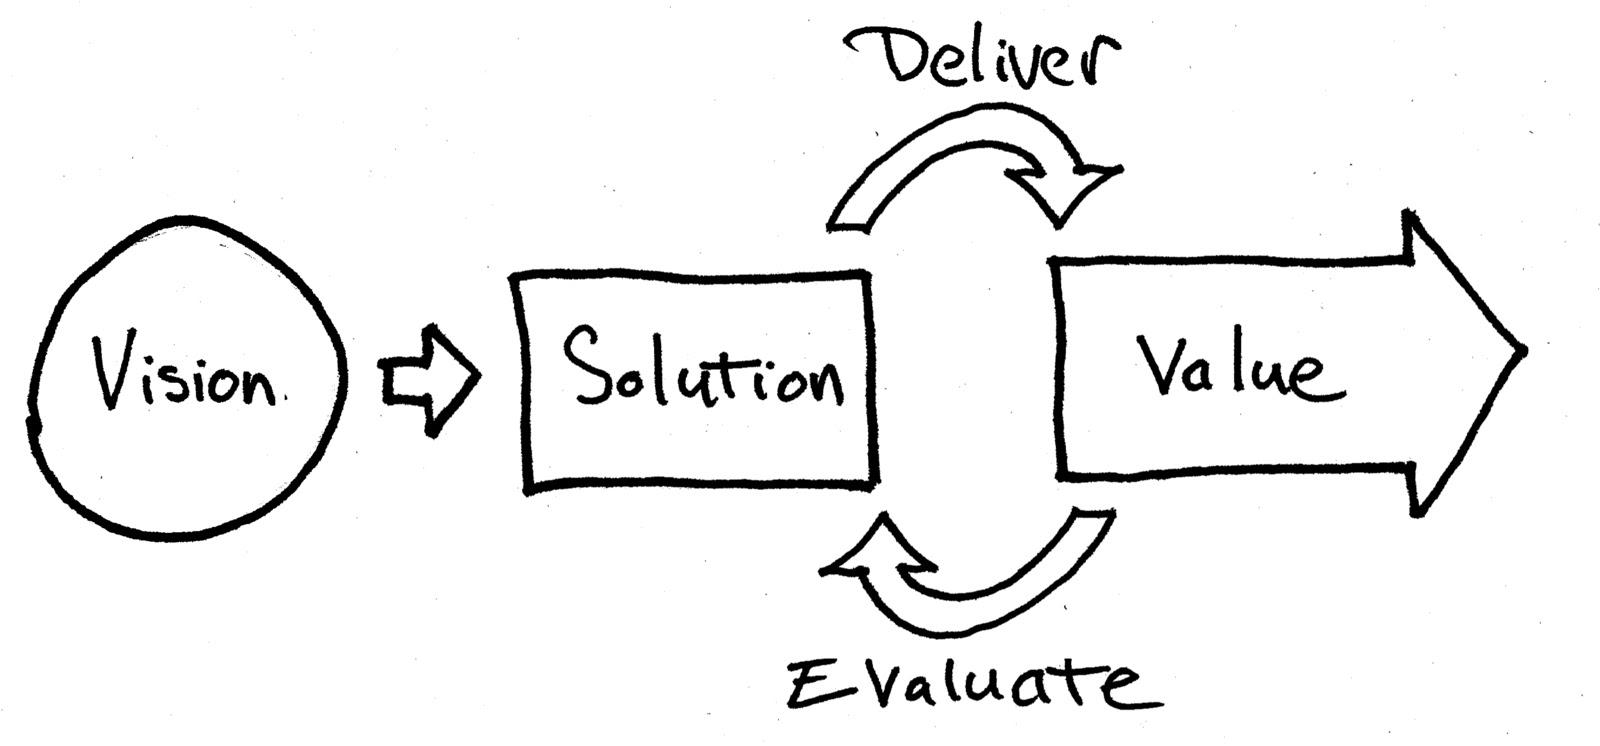 Understanding Lean Project Management